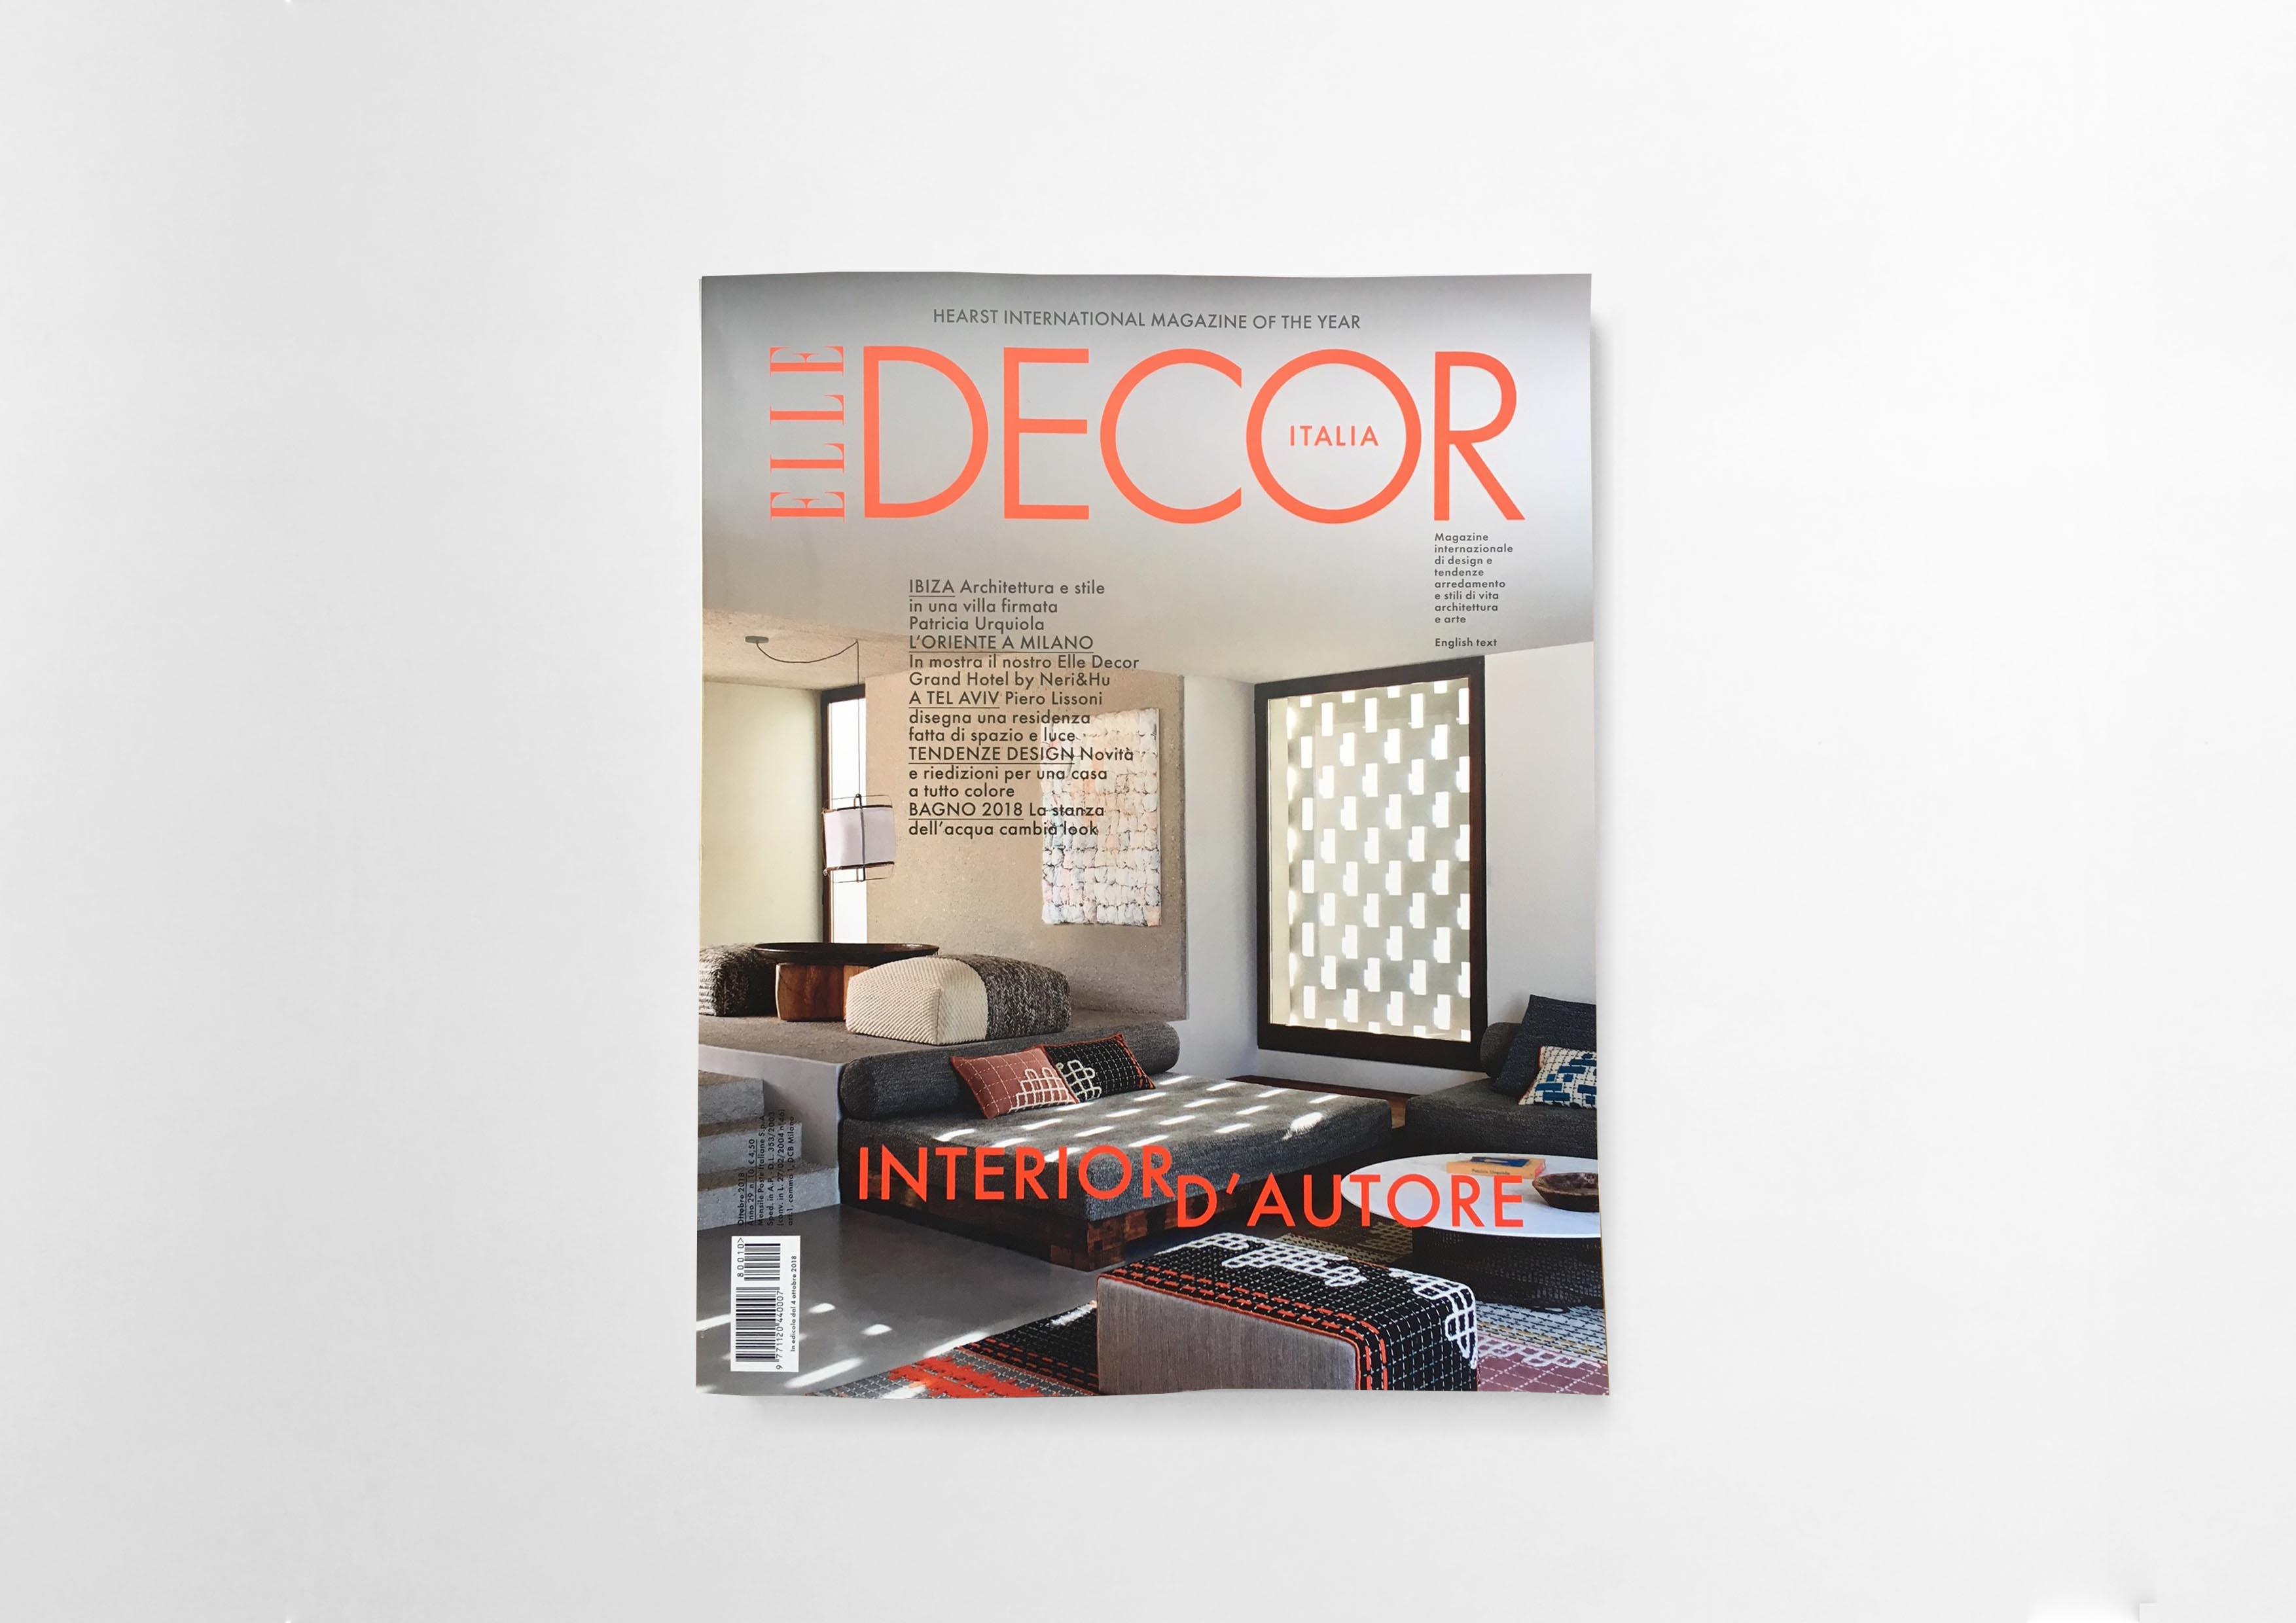 Mostra Design Milano 2018 news archivi - boatto martino studio